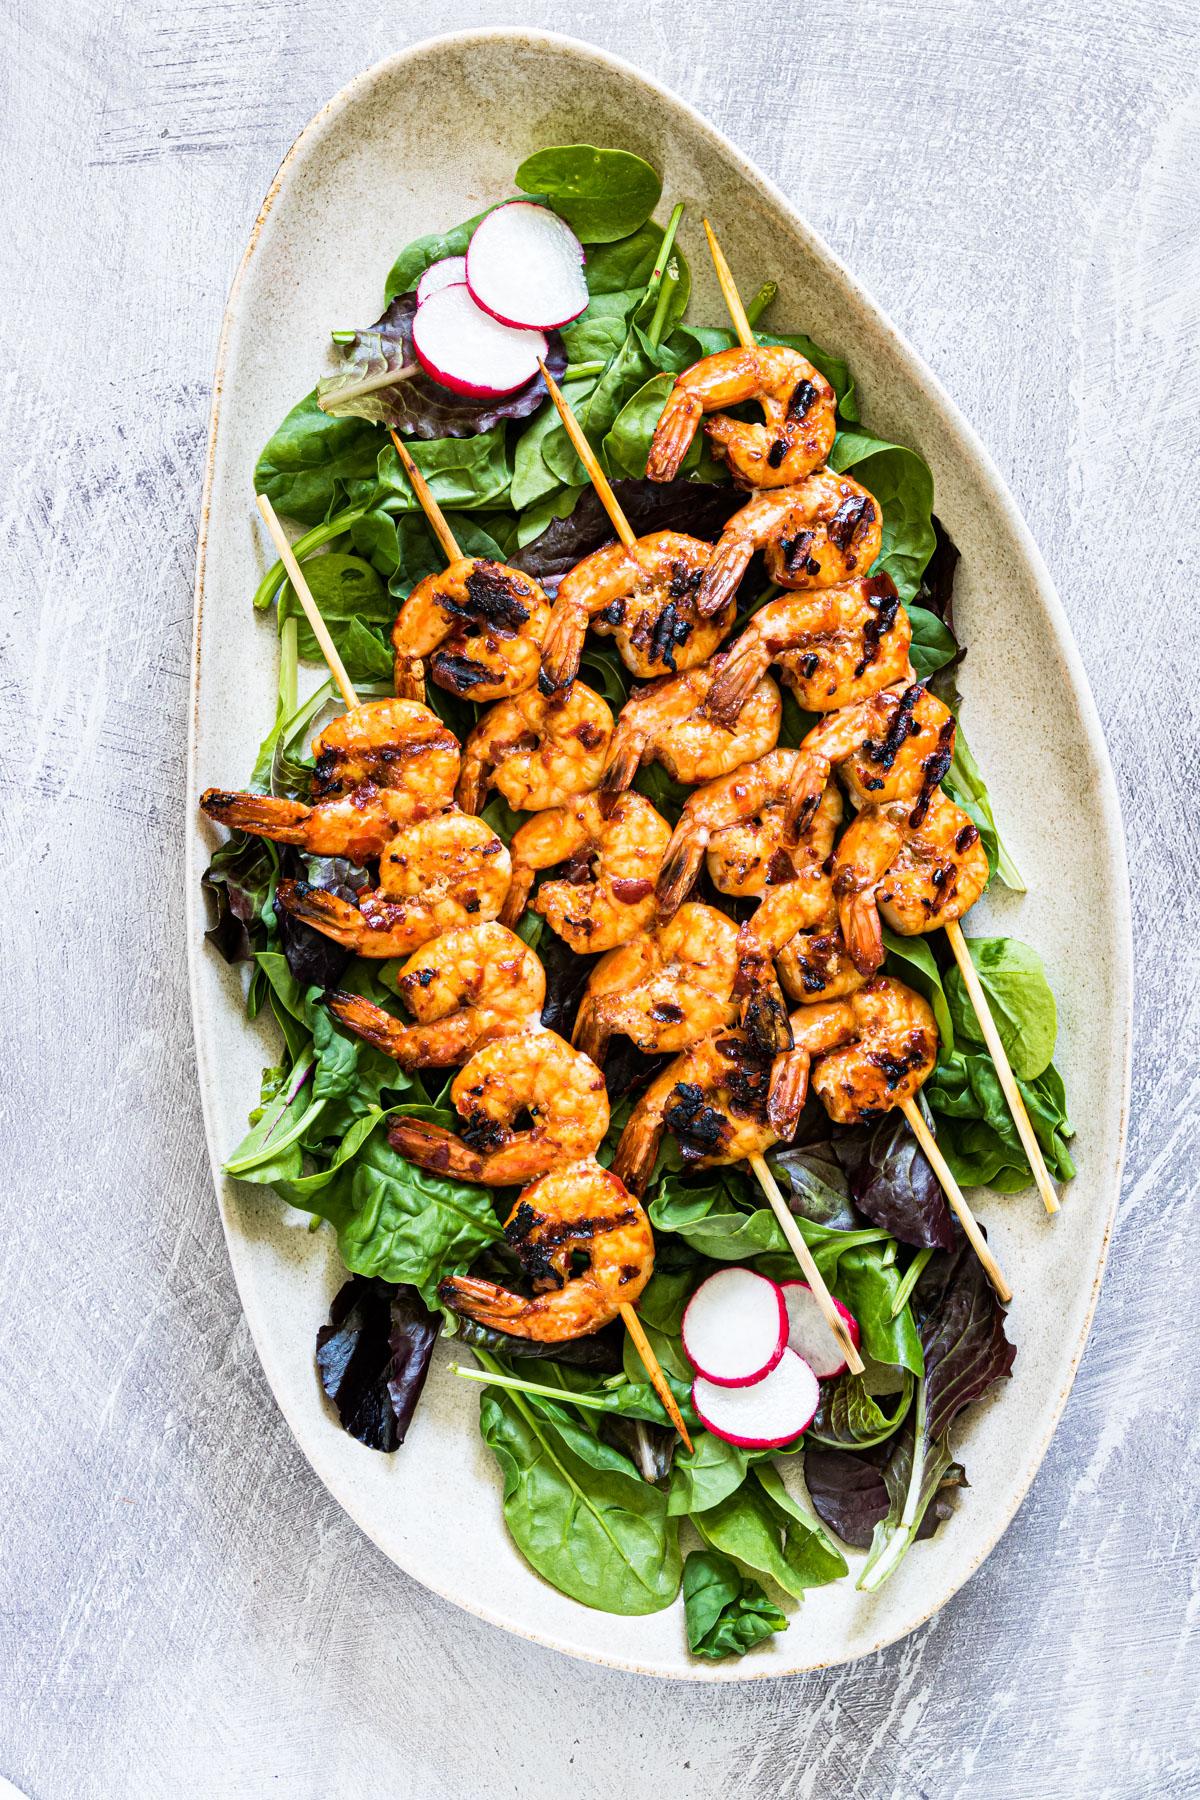 Grilled shrimp kabobs on a salad